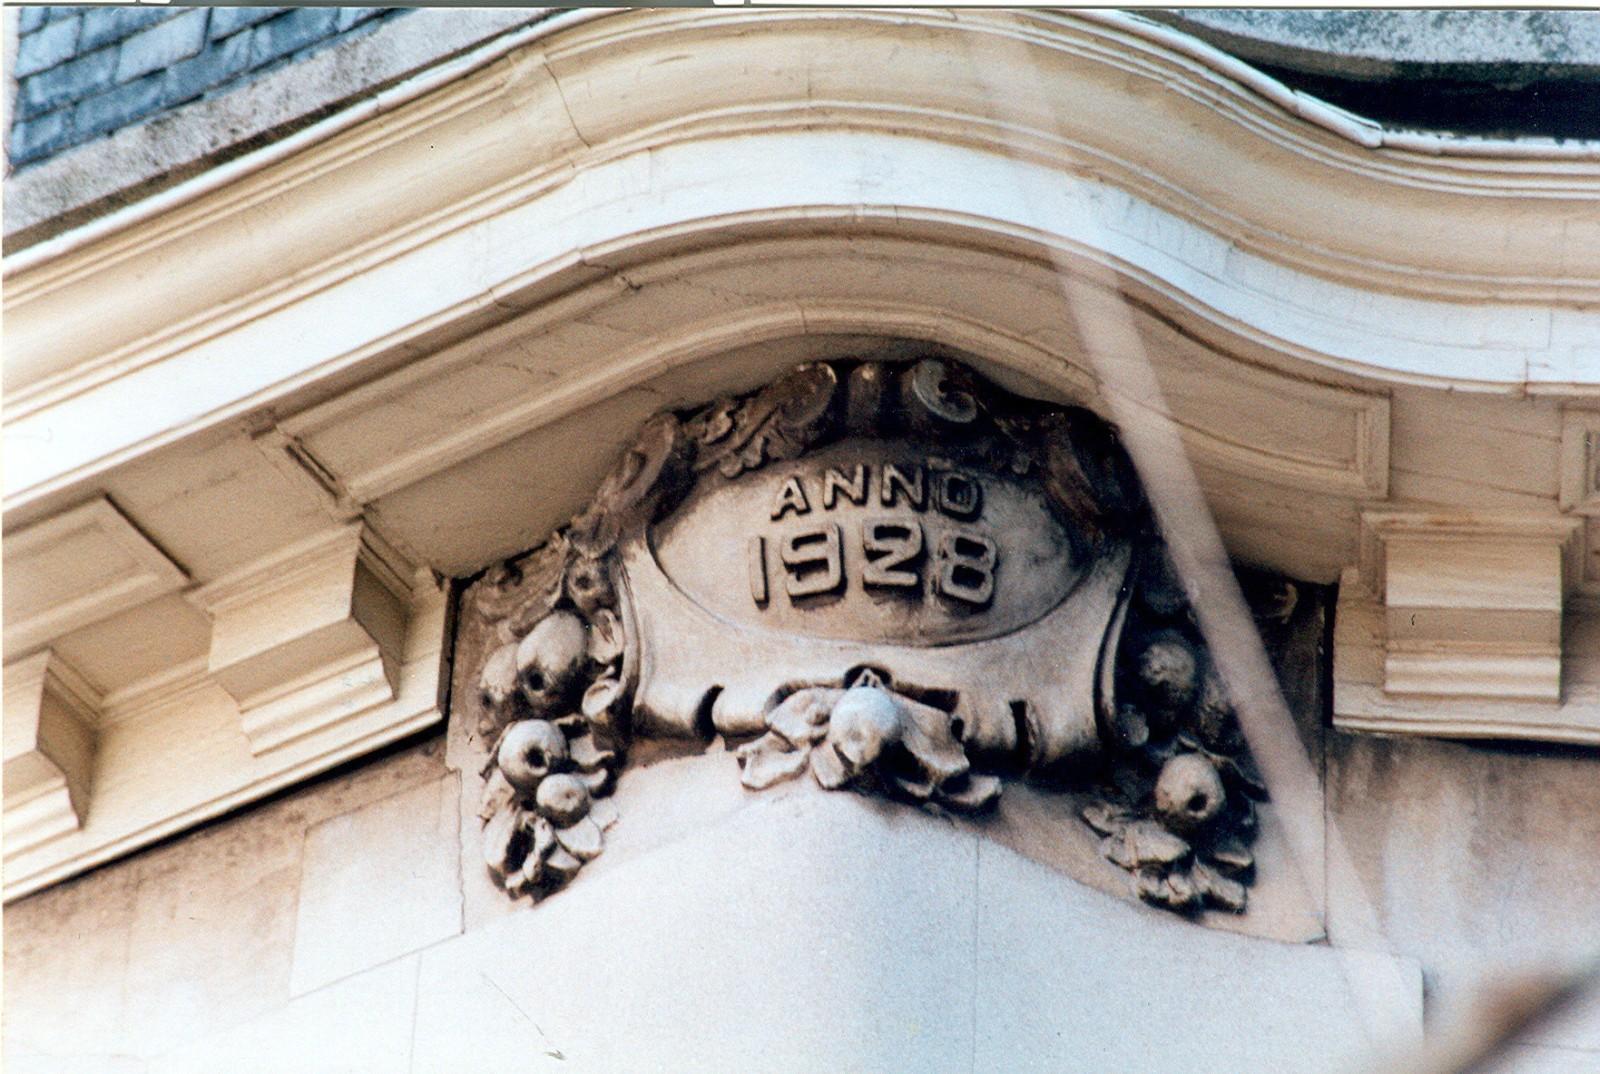 Cartouche avec millésime sous une corniche, av. de Tervueren 192, Woluwe-Saint-Pierre, 1928, architecte Frans Hemelsoet., 2003